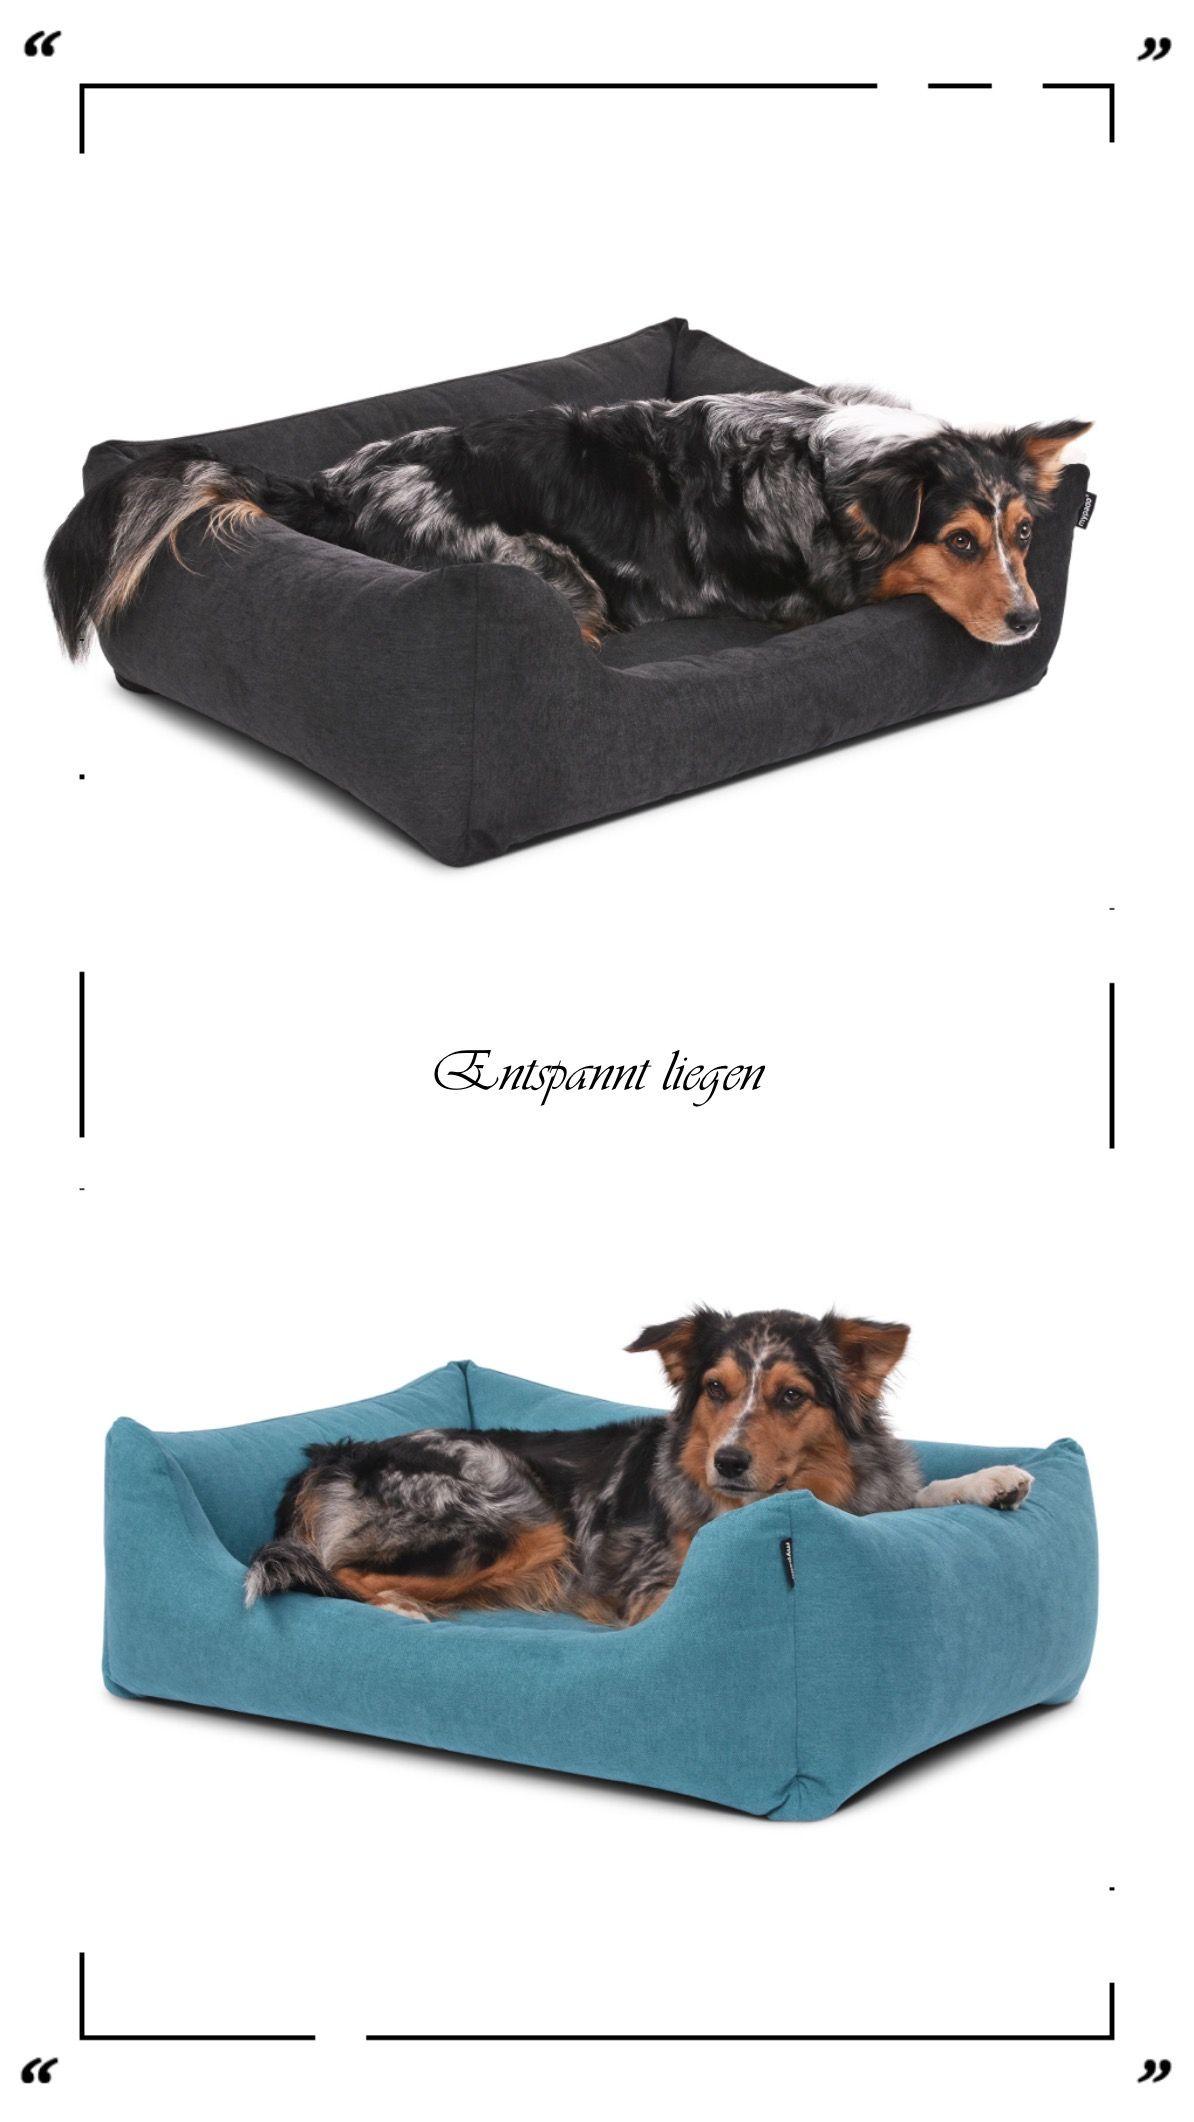 Hundebetten In Verschiedenen Grossen Und Farben In 2020 Hunde Kissen Hundekissen Hunde Bett